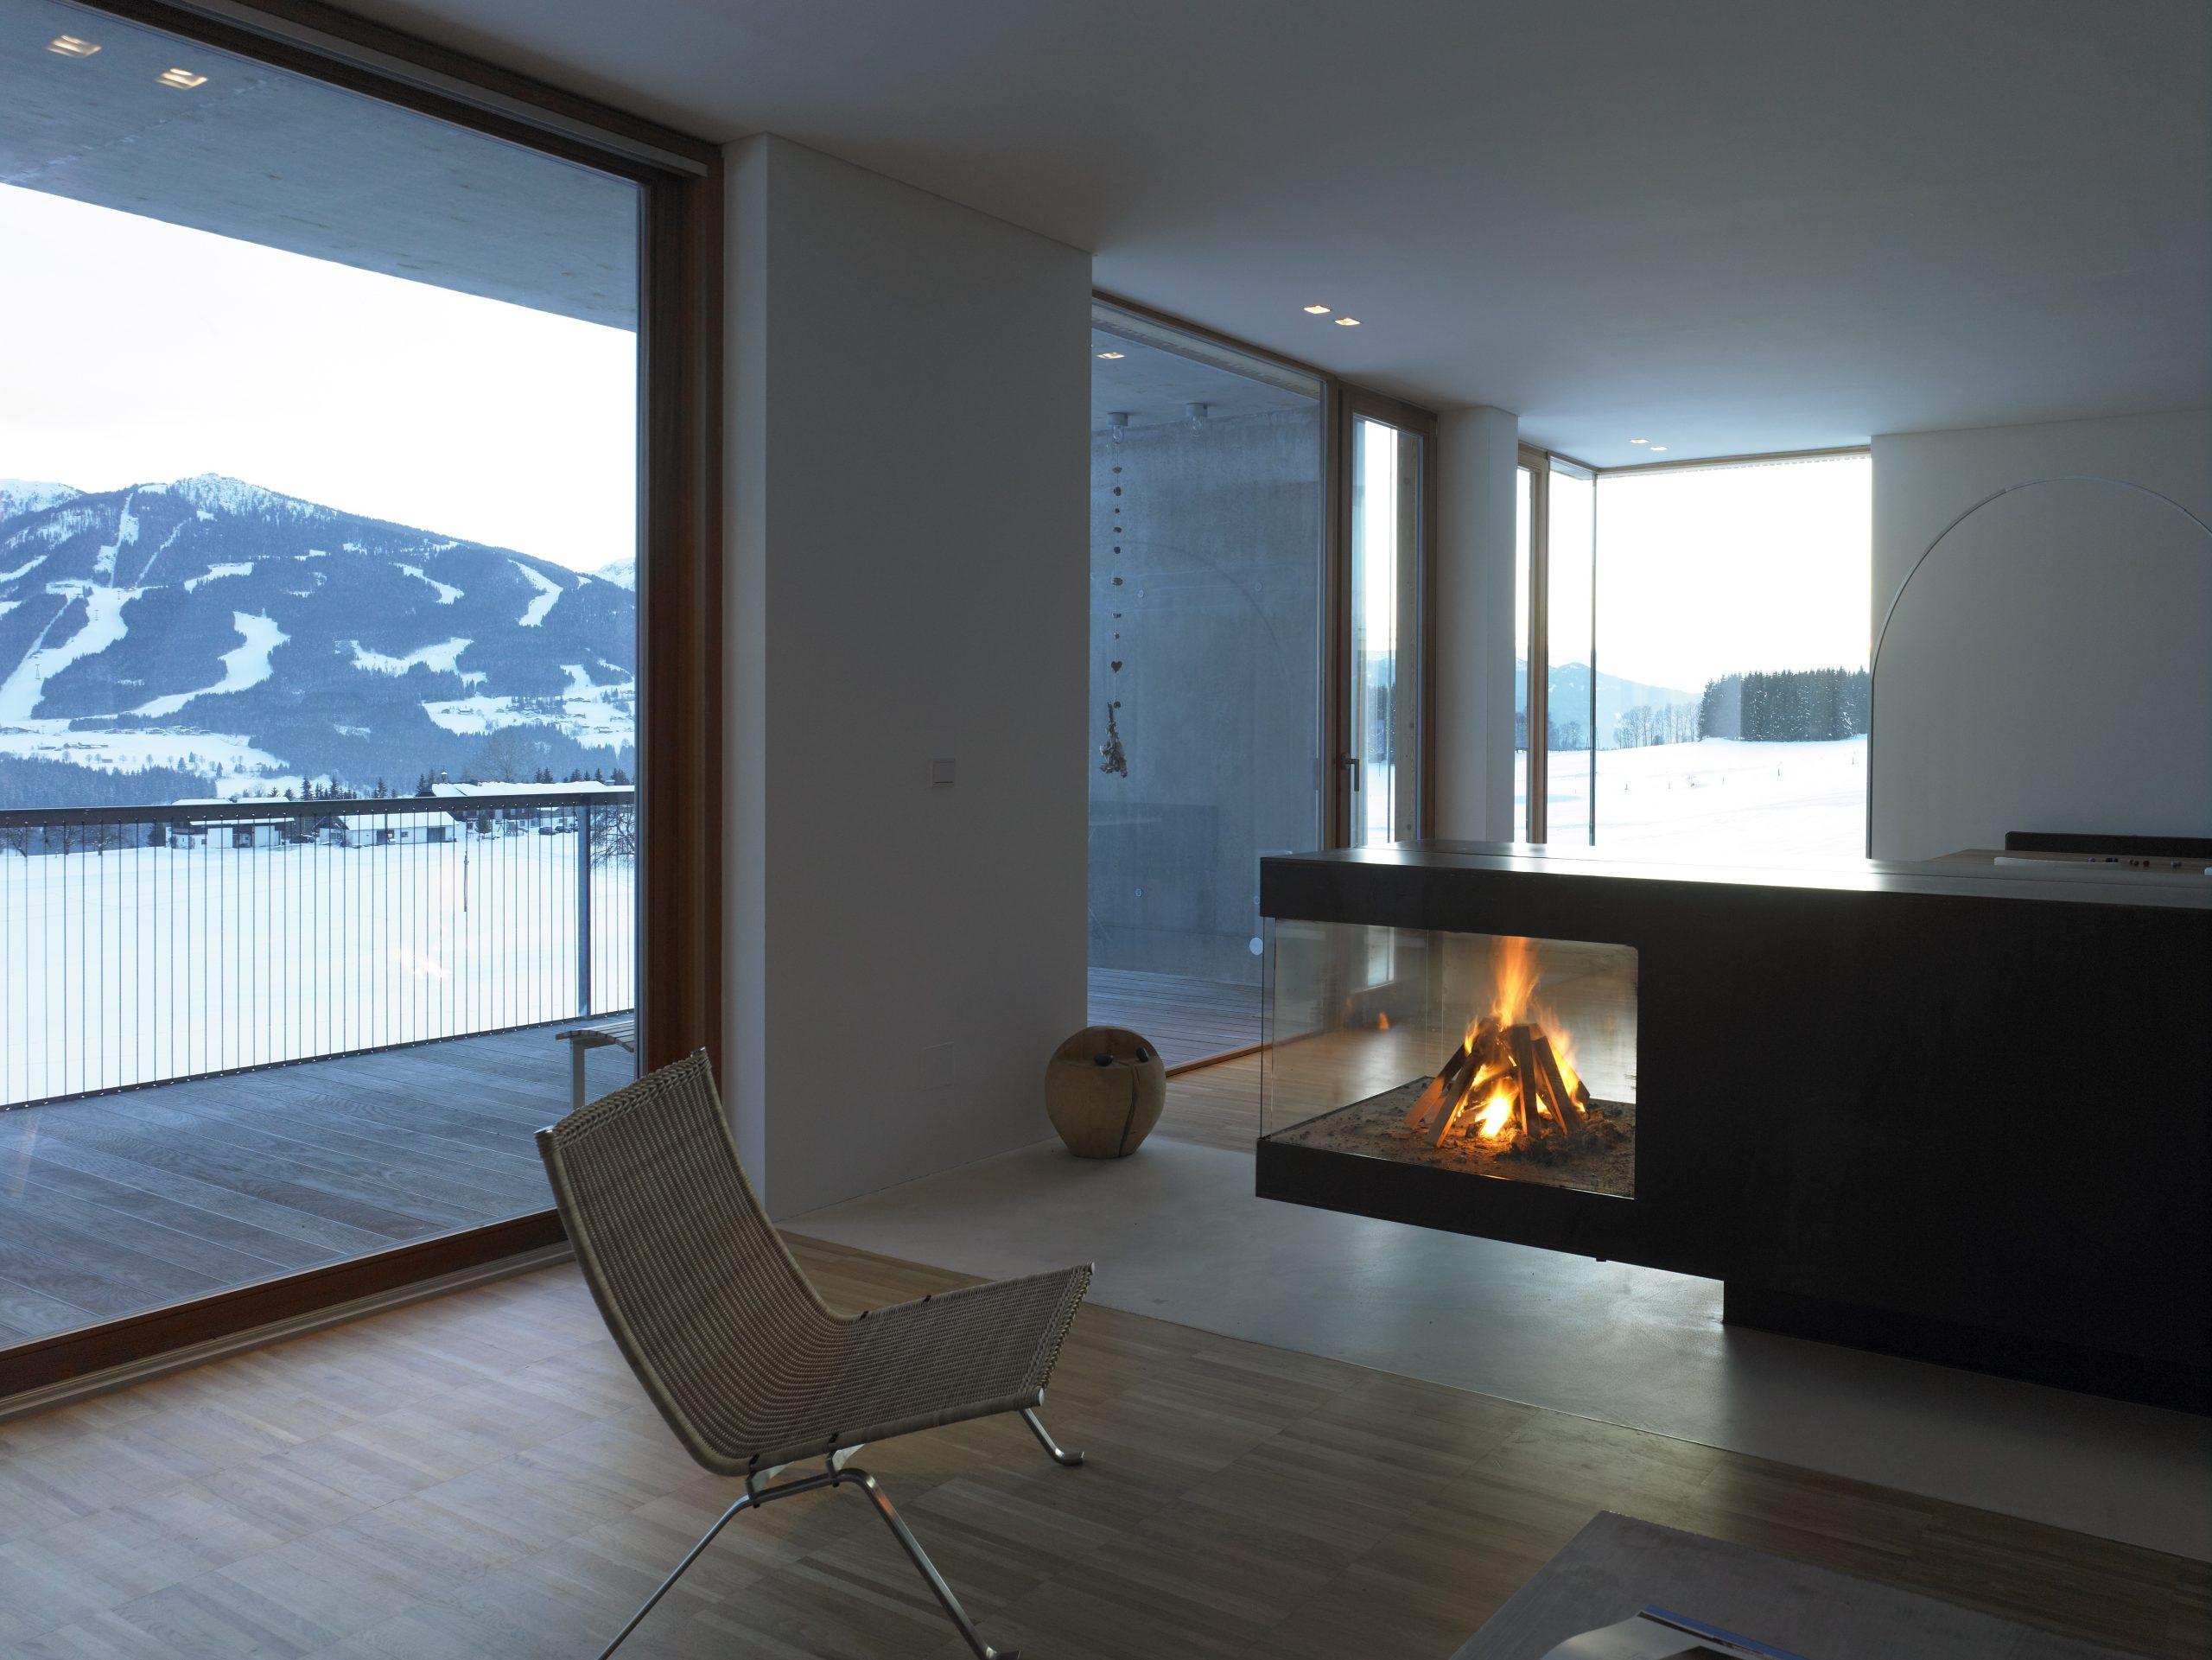 Glas schafft Wohlfühlatmosphäre und hält die Kälte des Schnees draußen